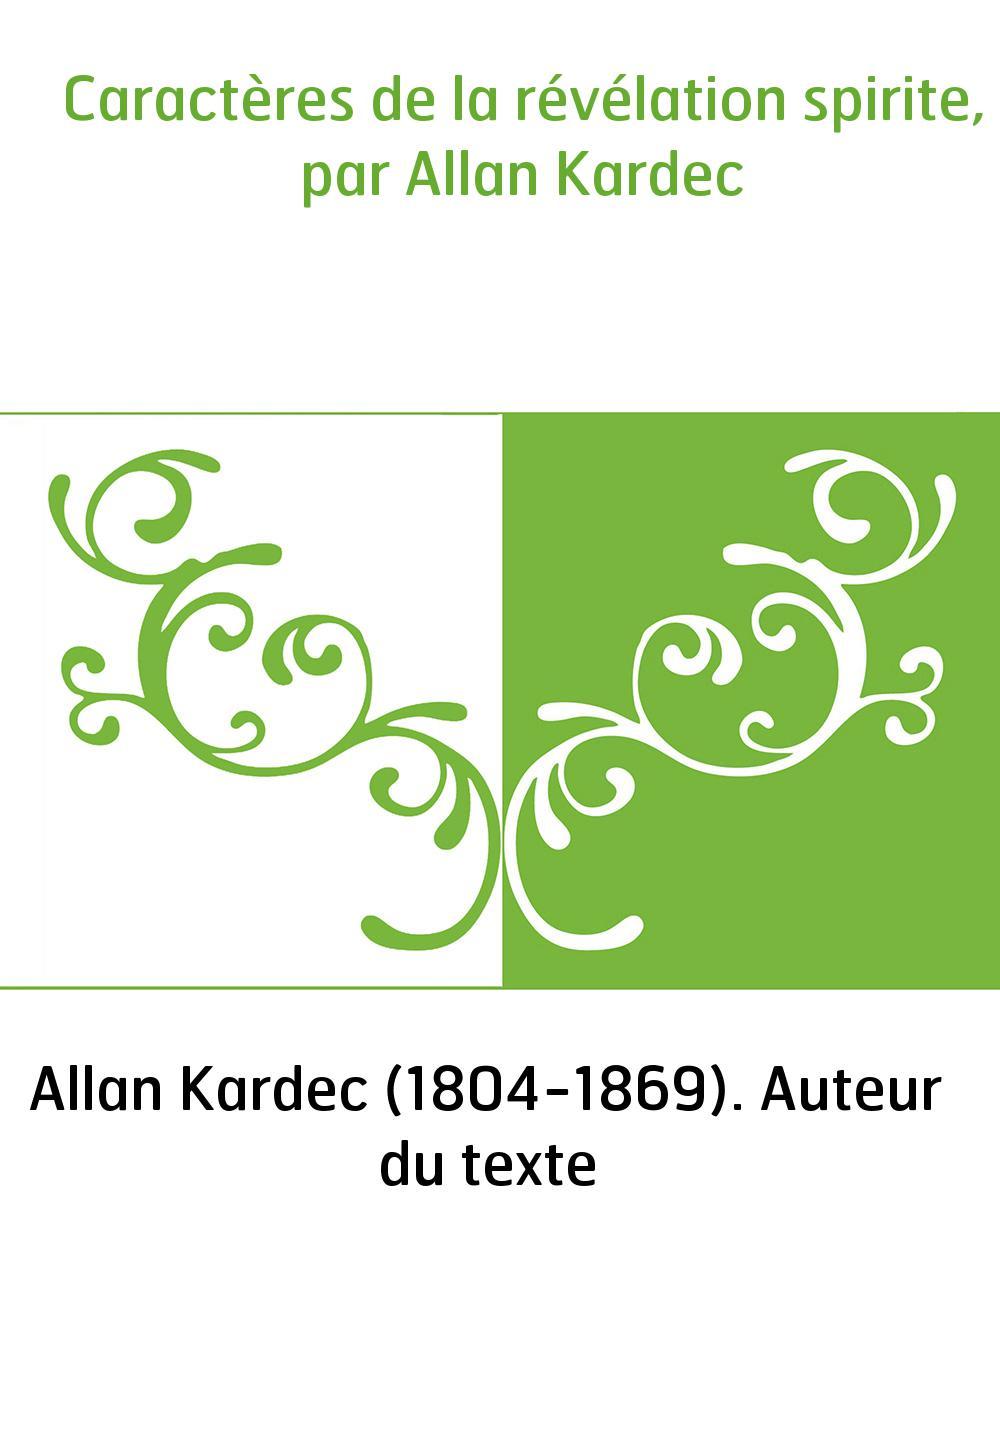 Caractères de la révélation spirite, par Allan Kardec